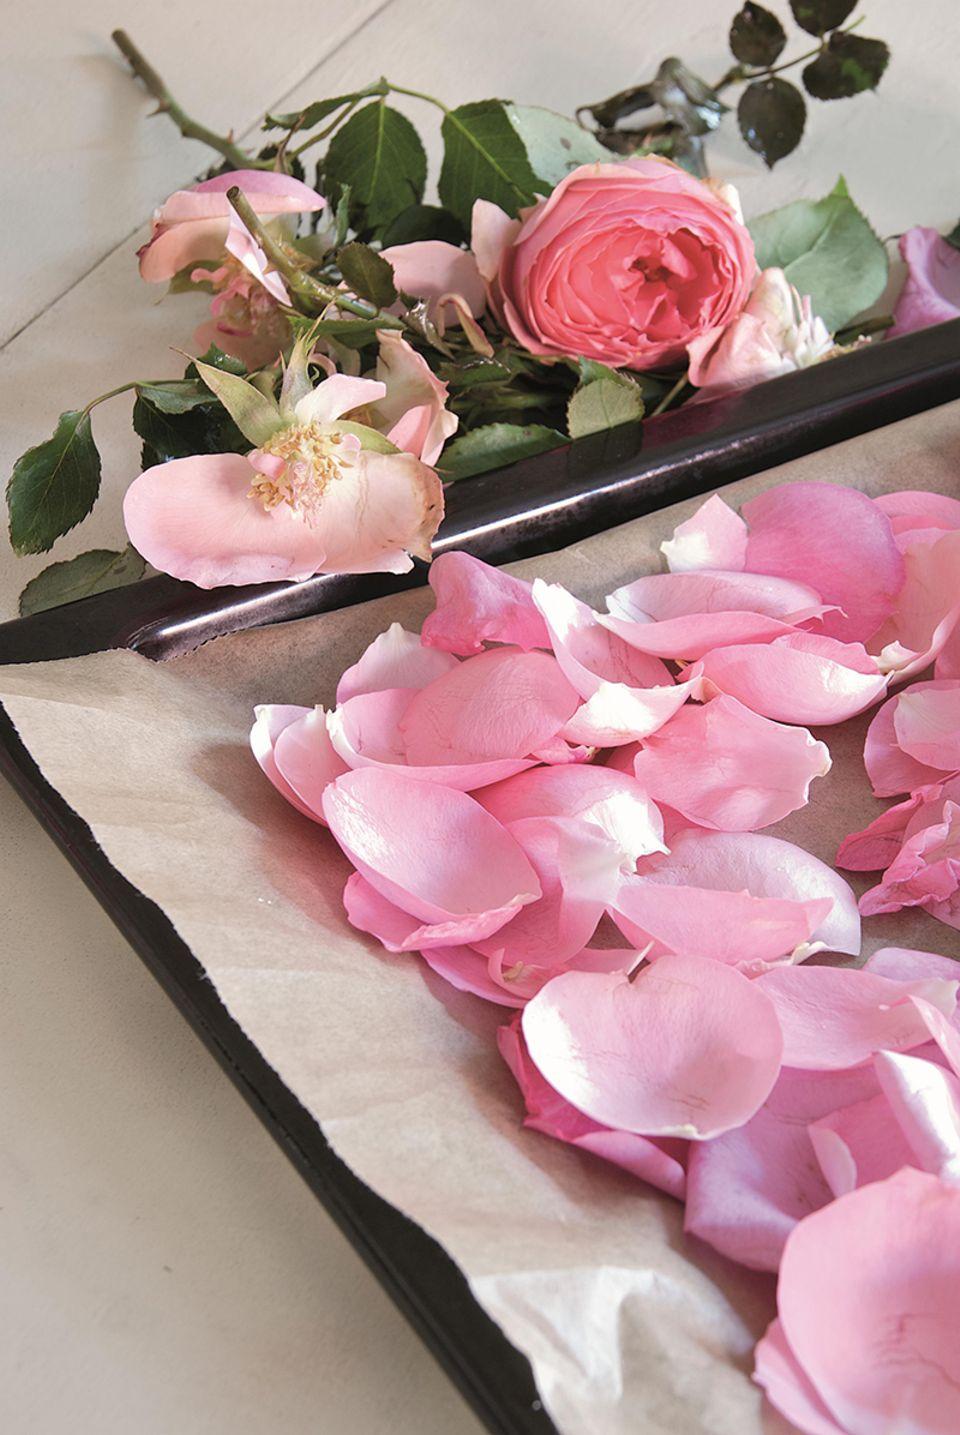 Rosenblüten auf einem Backblech